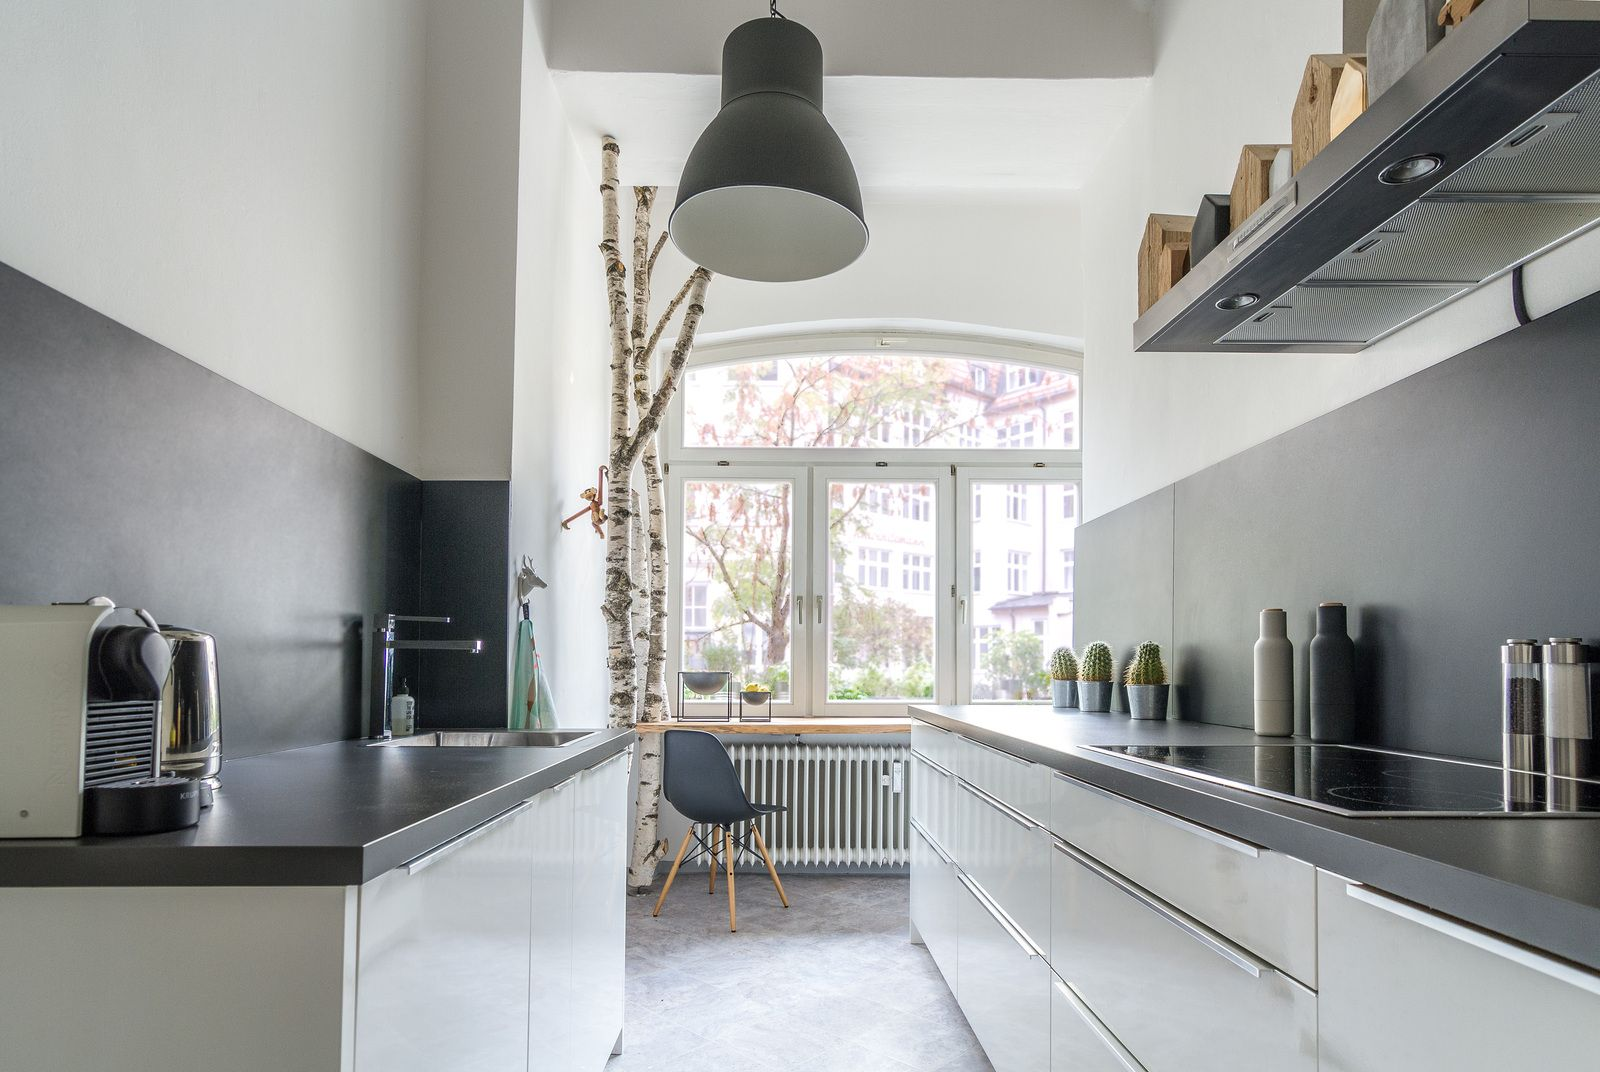 Kitchen with trees. Black & White